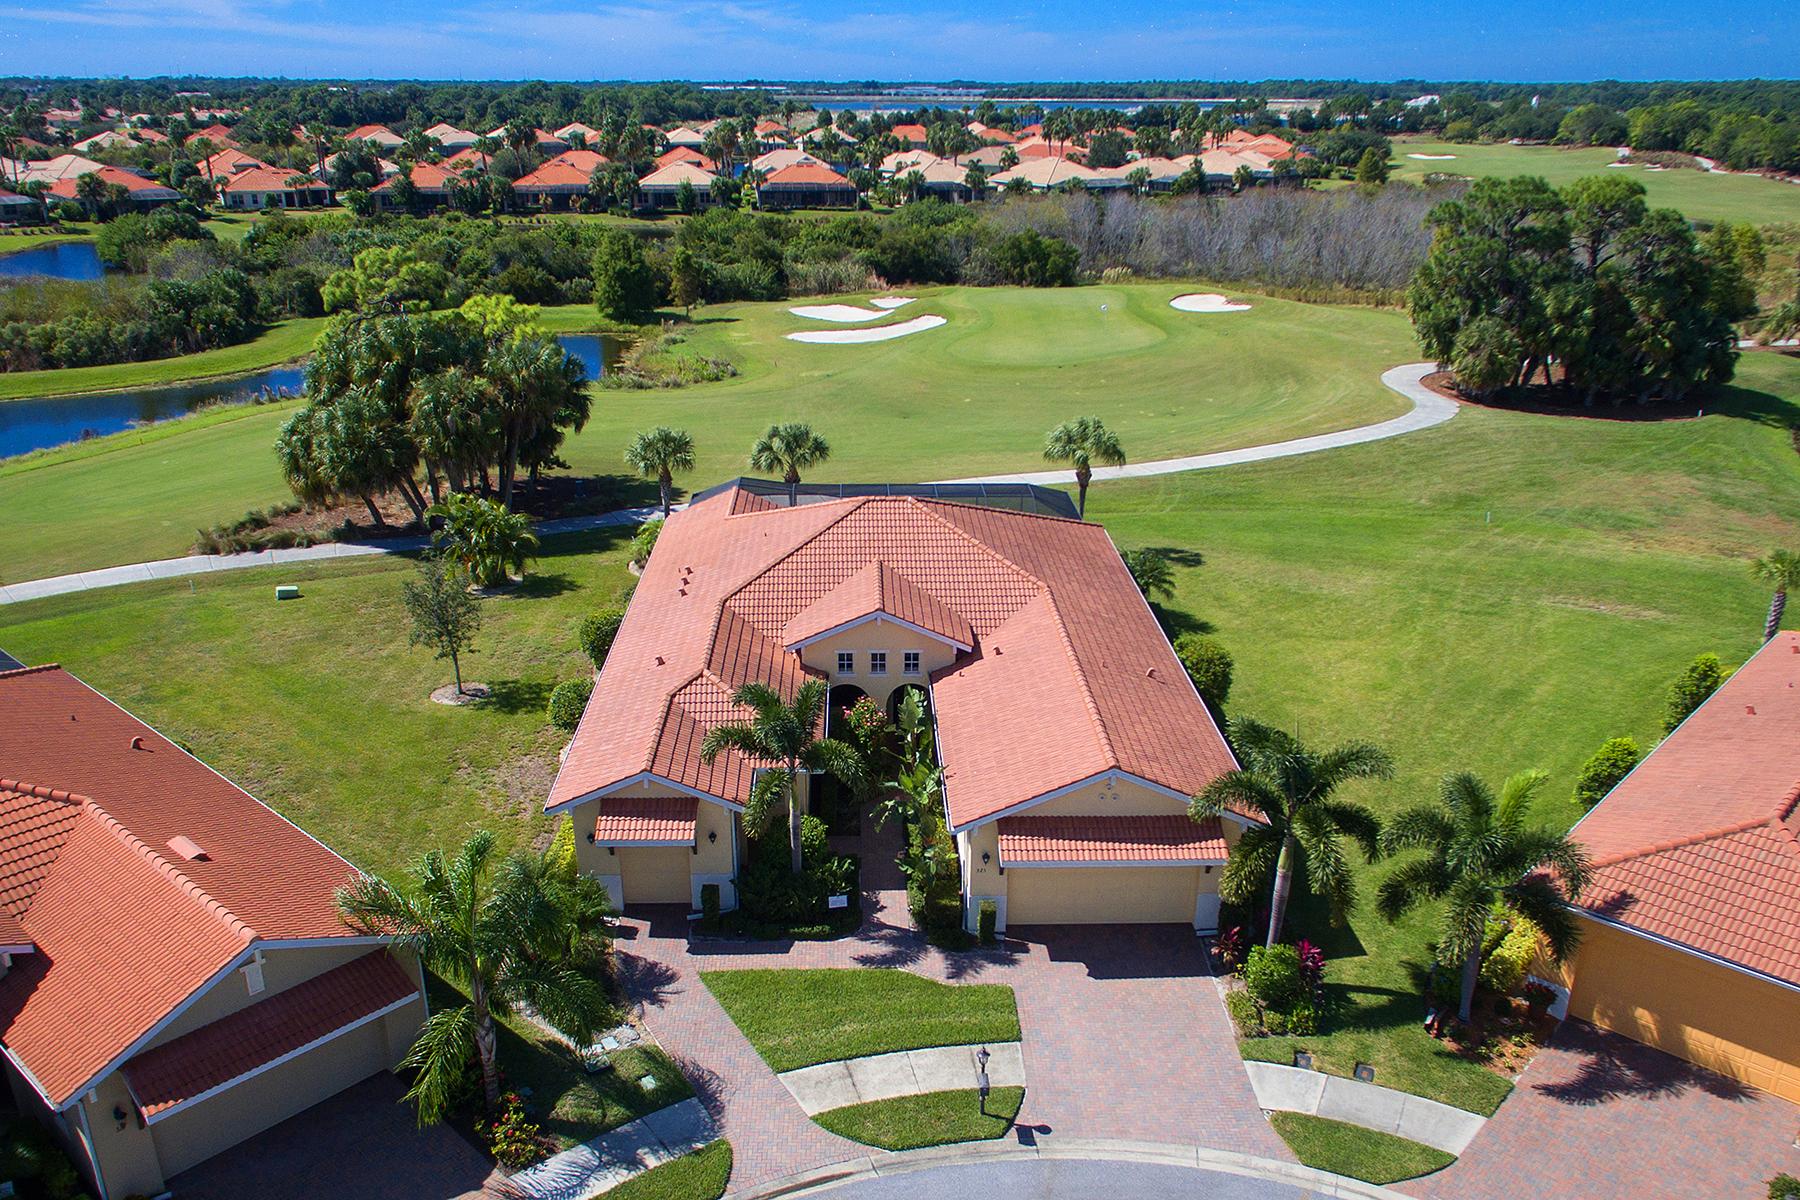 Casa Unifamiliar por un Venta en VENETIAN GOLF & RIVER CLUB 325 Martellago Dr North Venice, Florida, 34275 Estados Unidos